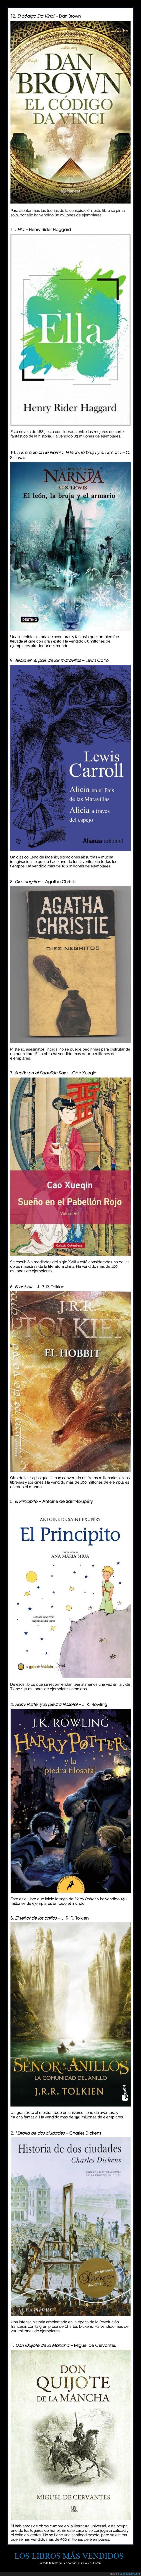 historia,libros,vendidos